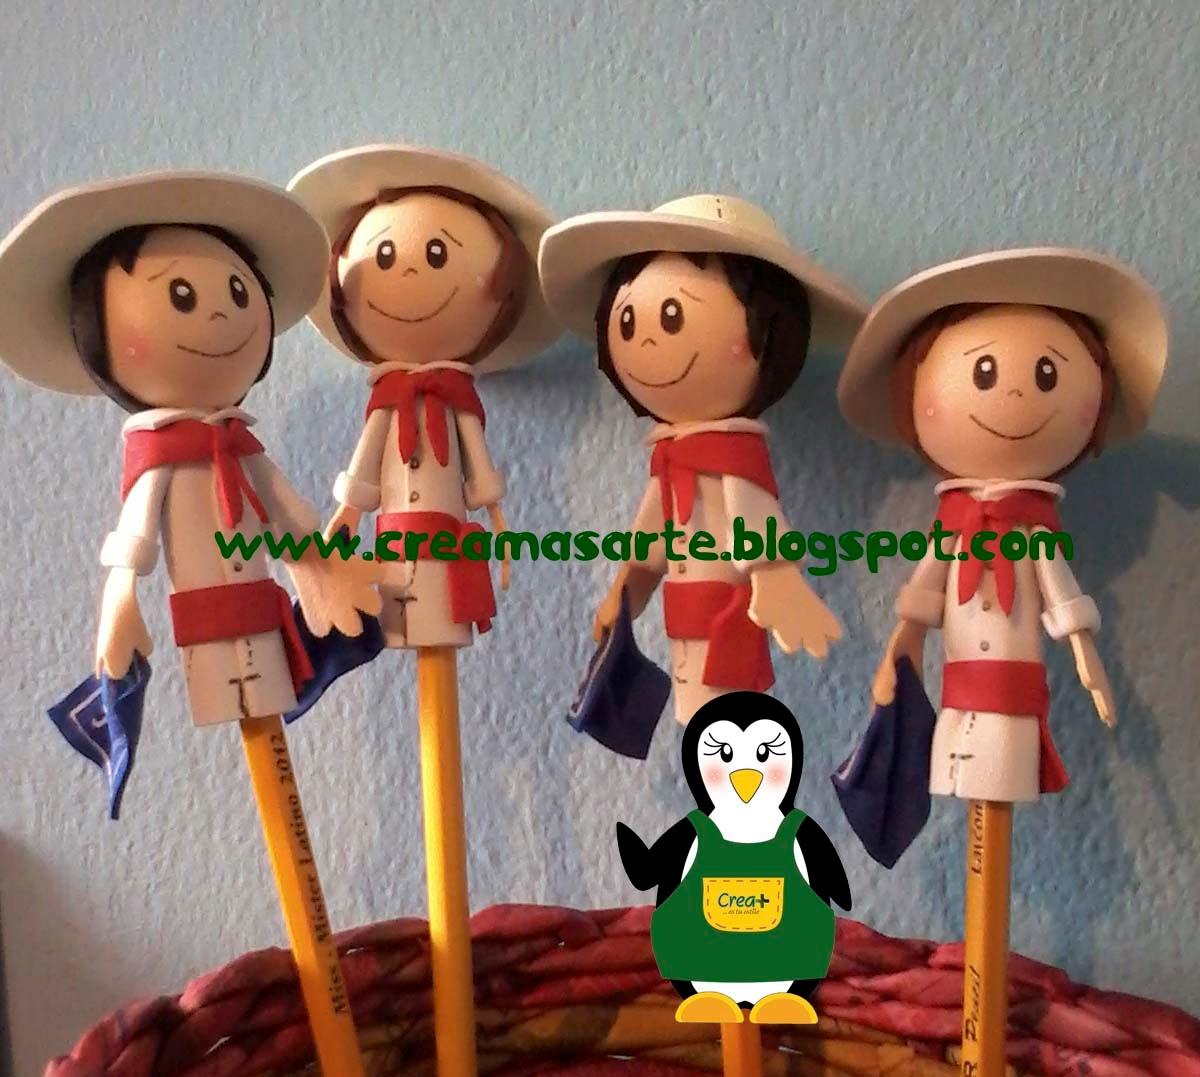 Creamas manualidades adornos para lapices costarricenses - Adornos para lapices en goma eva ...